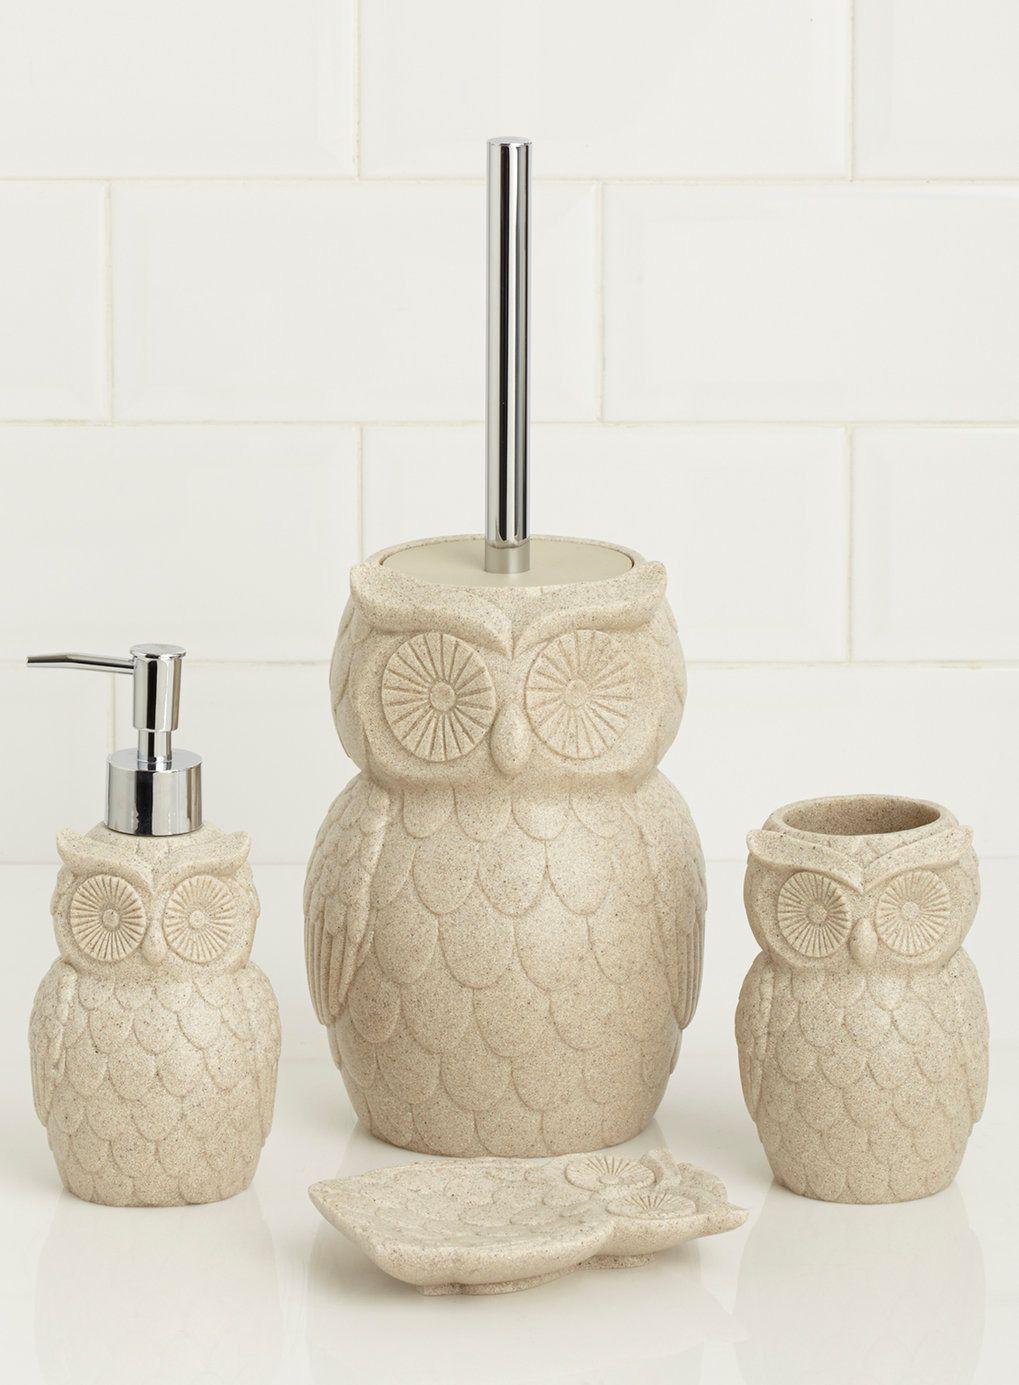 Owl Decor For Bathroom 2021 Owl Bathroom Decor Owl Bathroom Bathroom Decor Sets Owl bathroom decor set